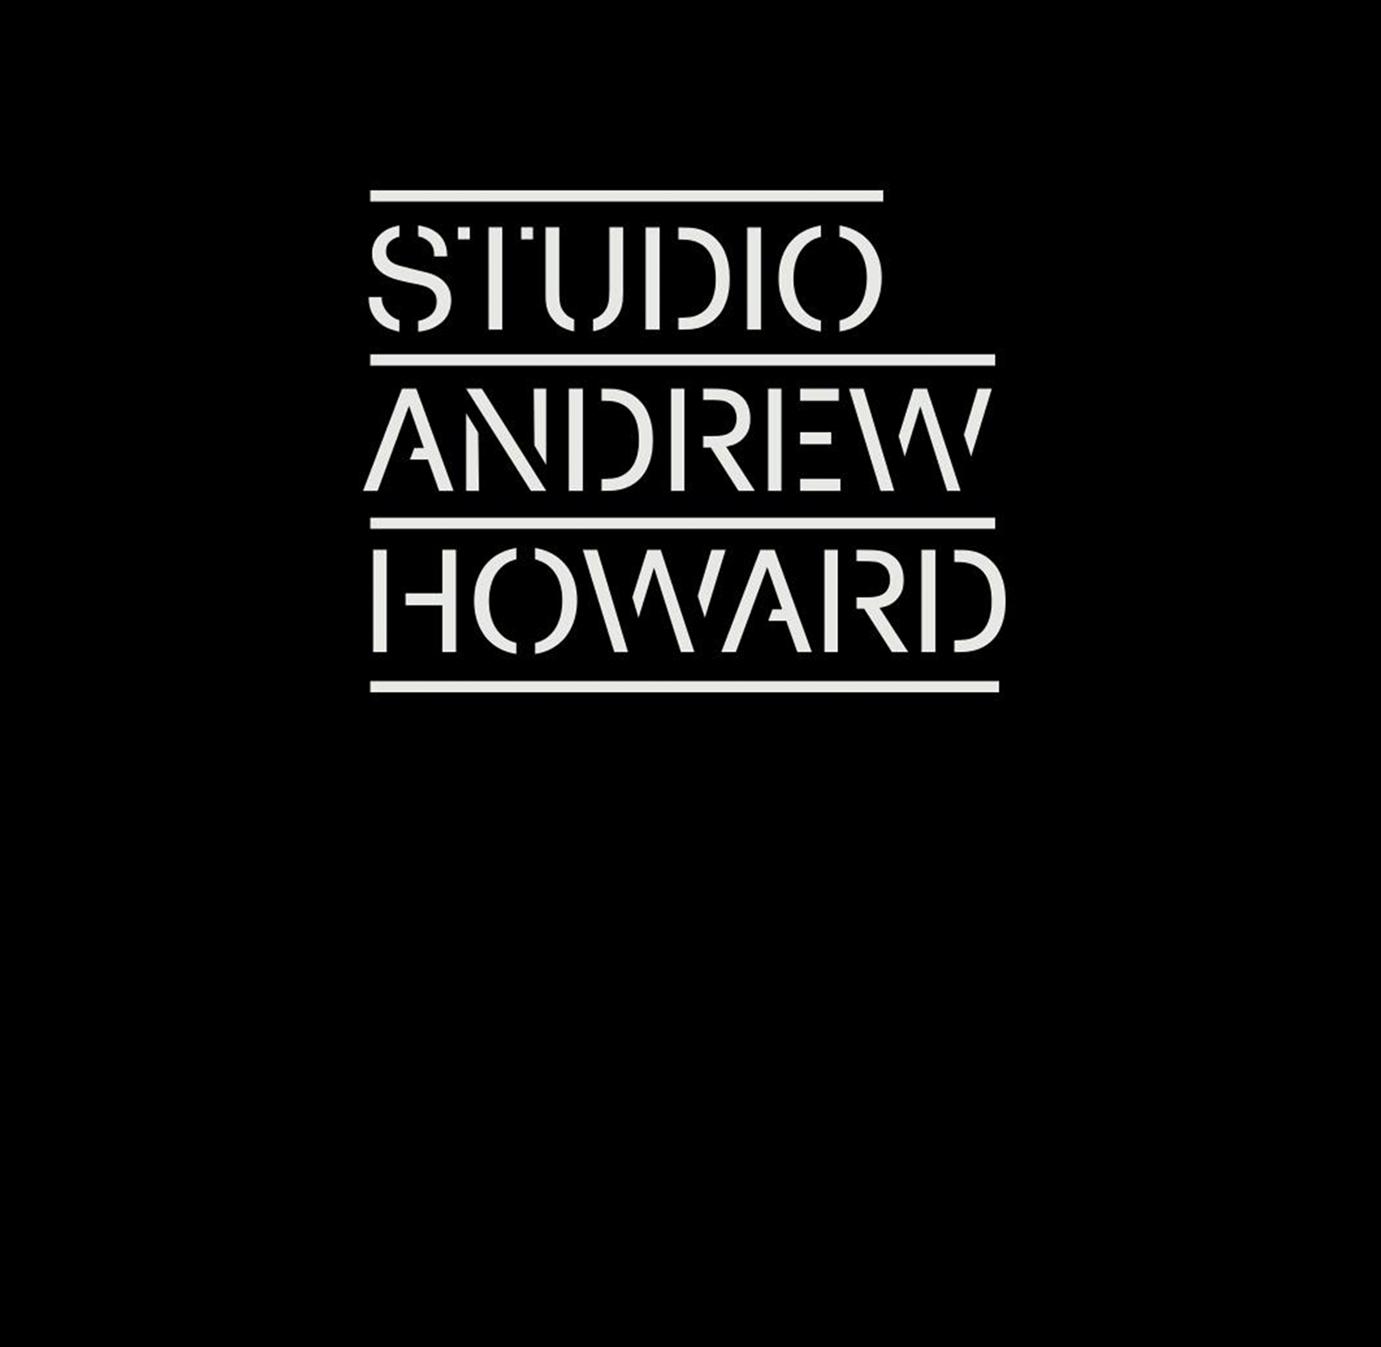 studioandrewhoward